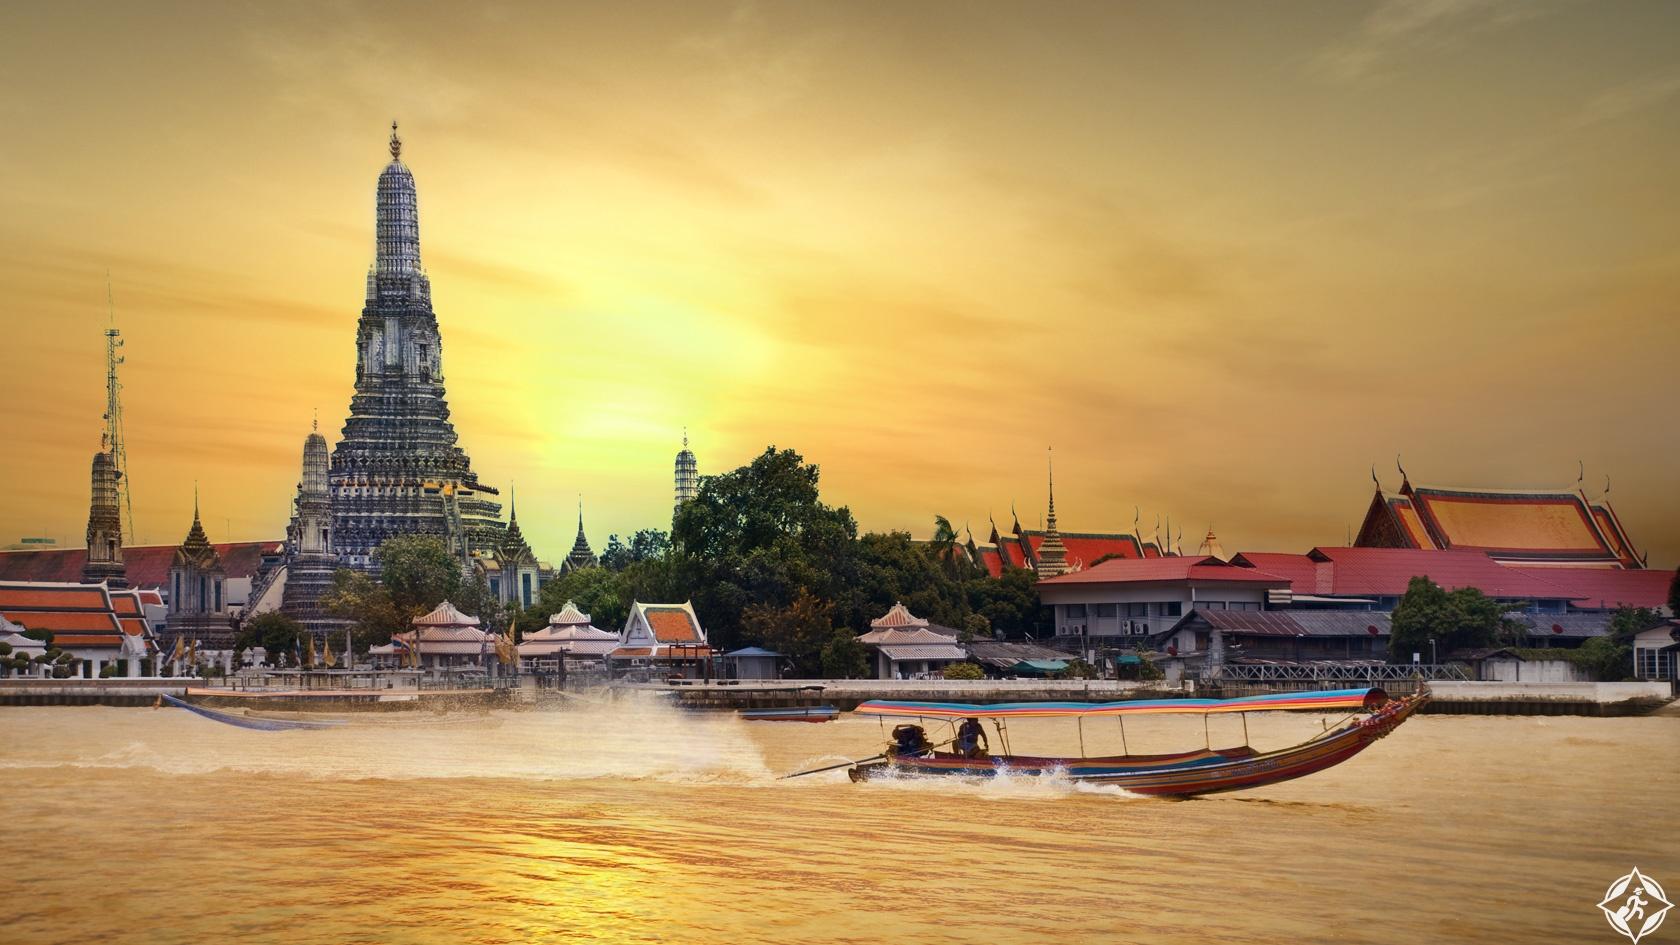 بانكوك تتصدر قائمة المدن الأكثر زيارة في العالم